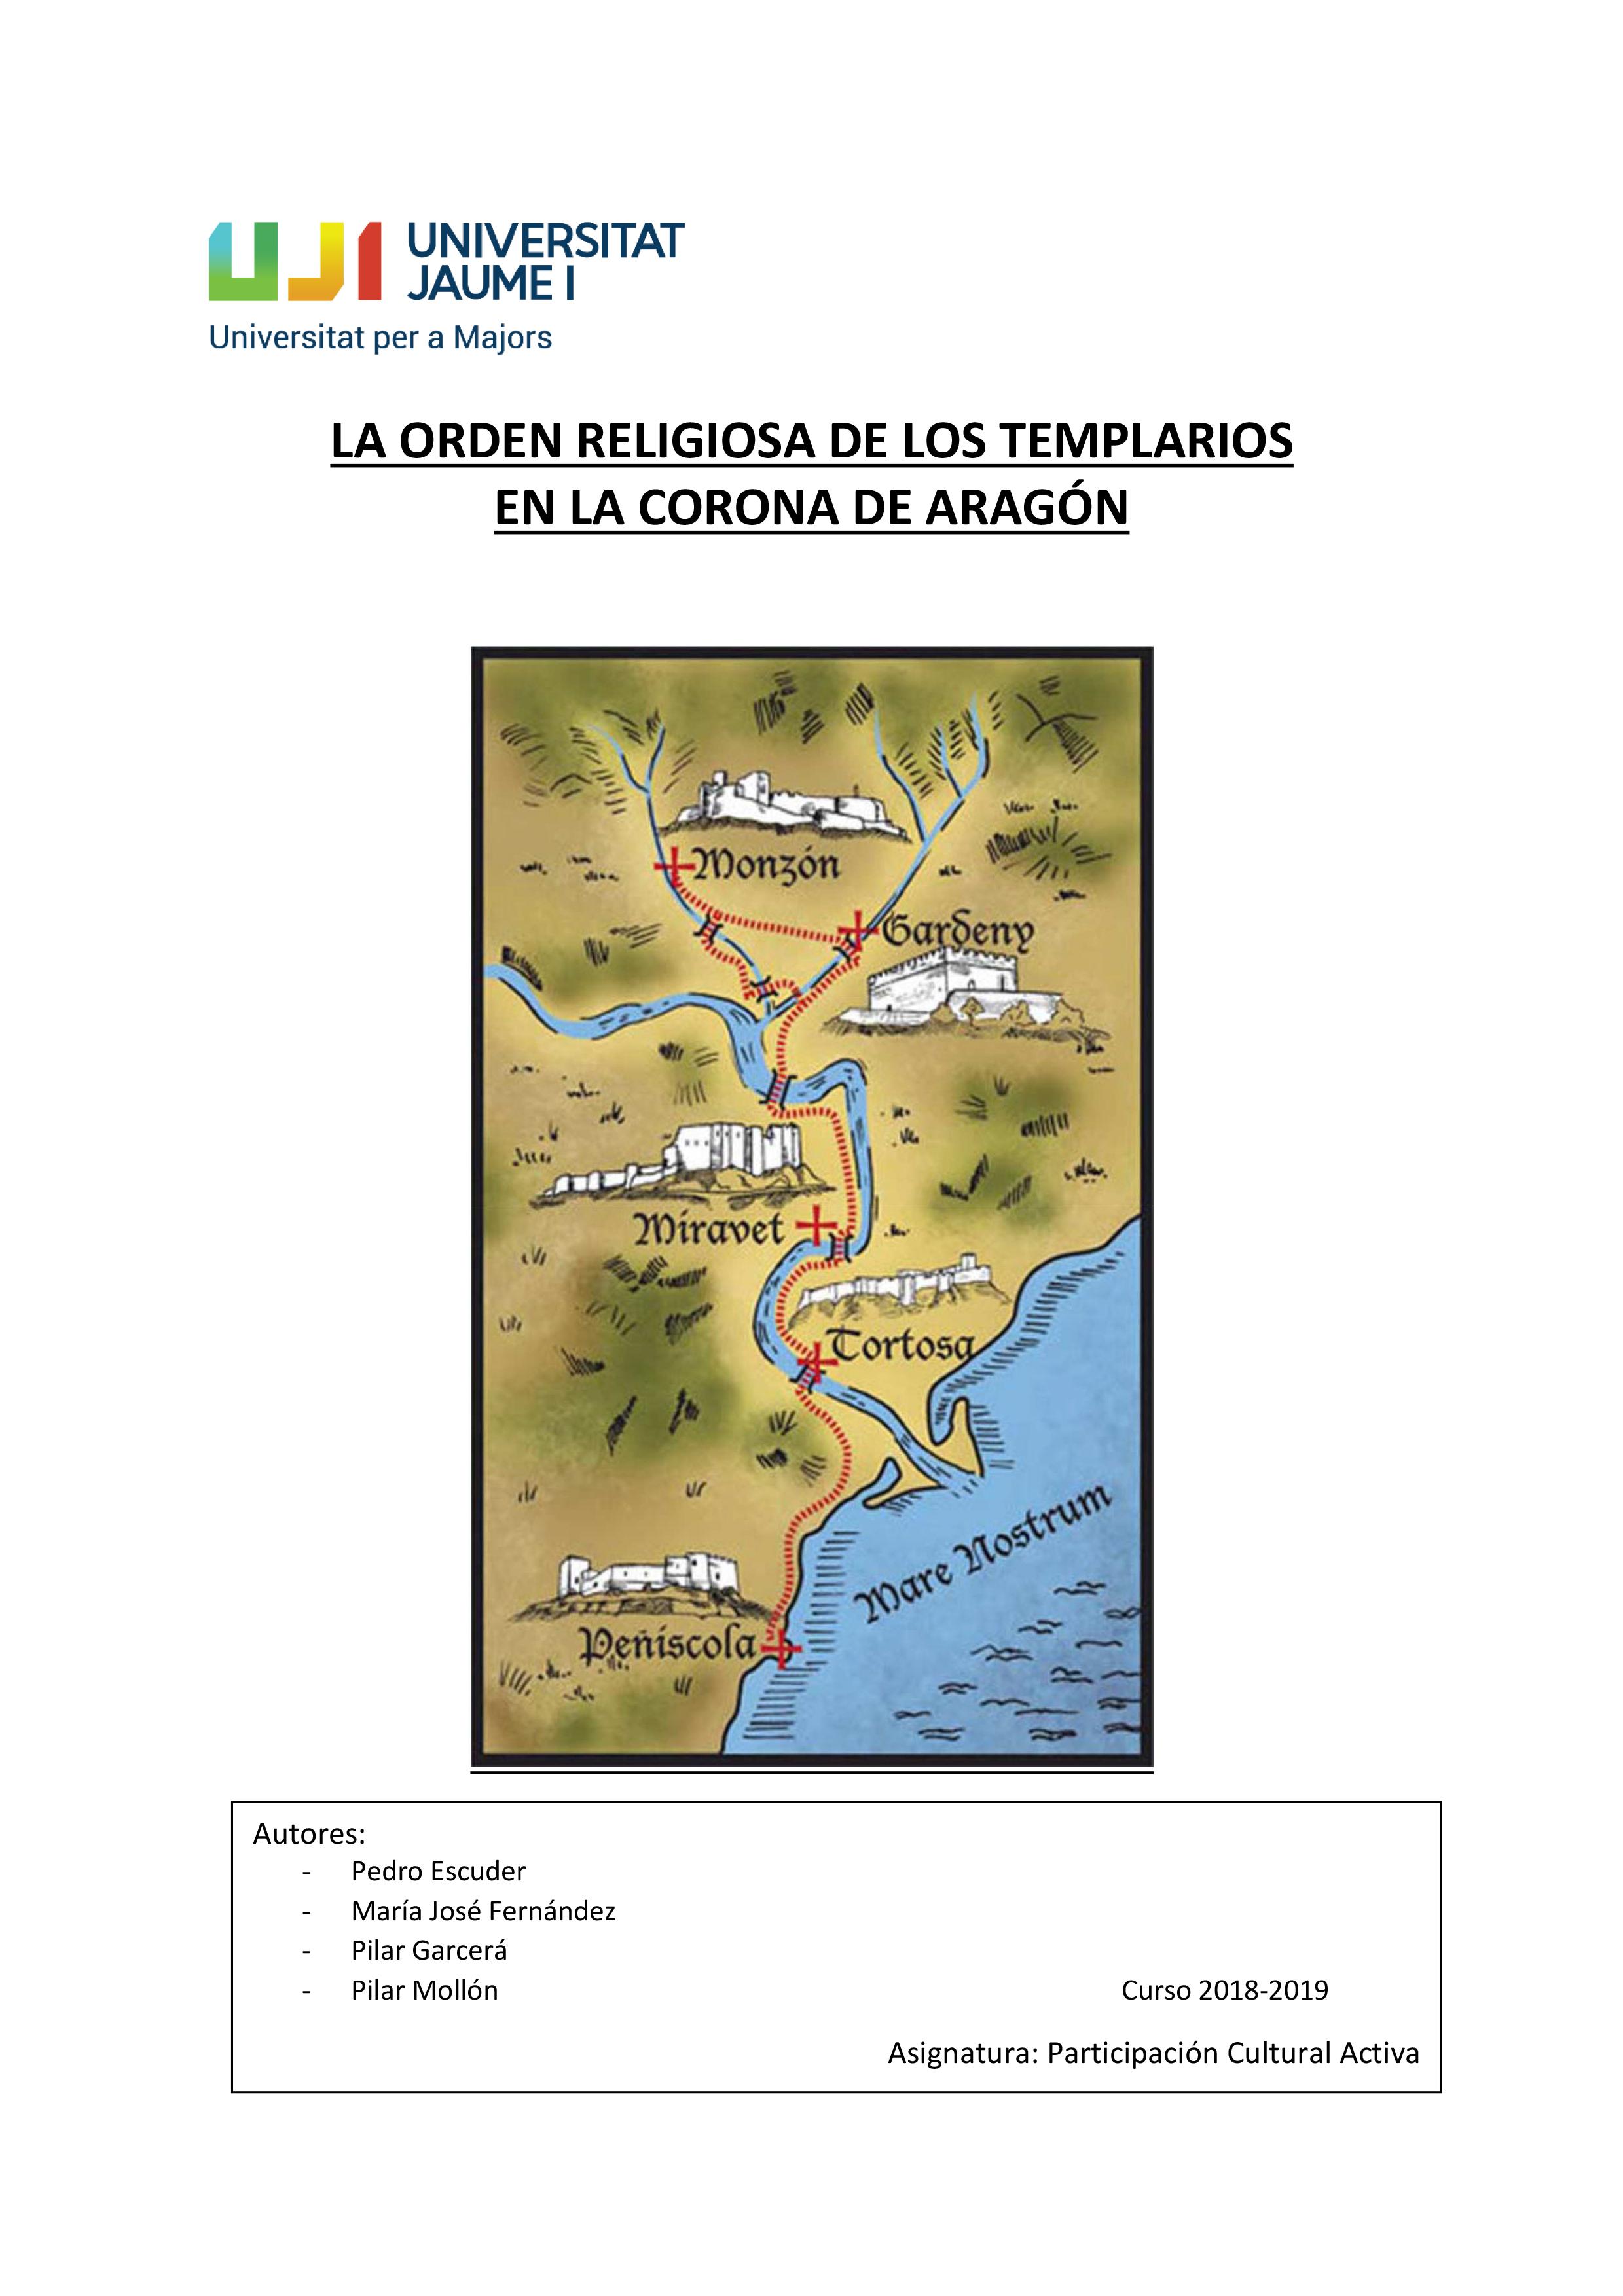 LA-ORDEN-RELIGIOSA-DE-LOS-TEMPLARIOS-EN-LA-CORORNA-DE-ARAGÓN